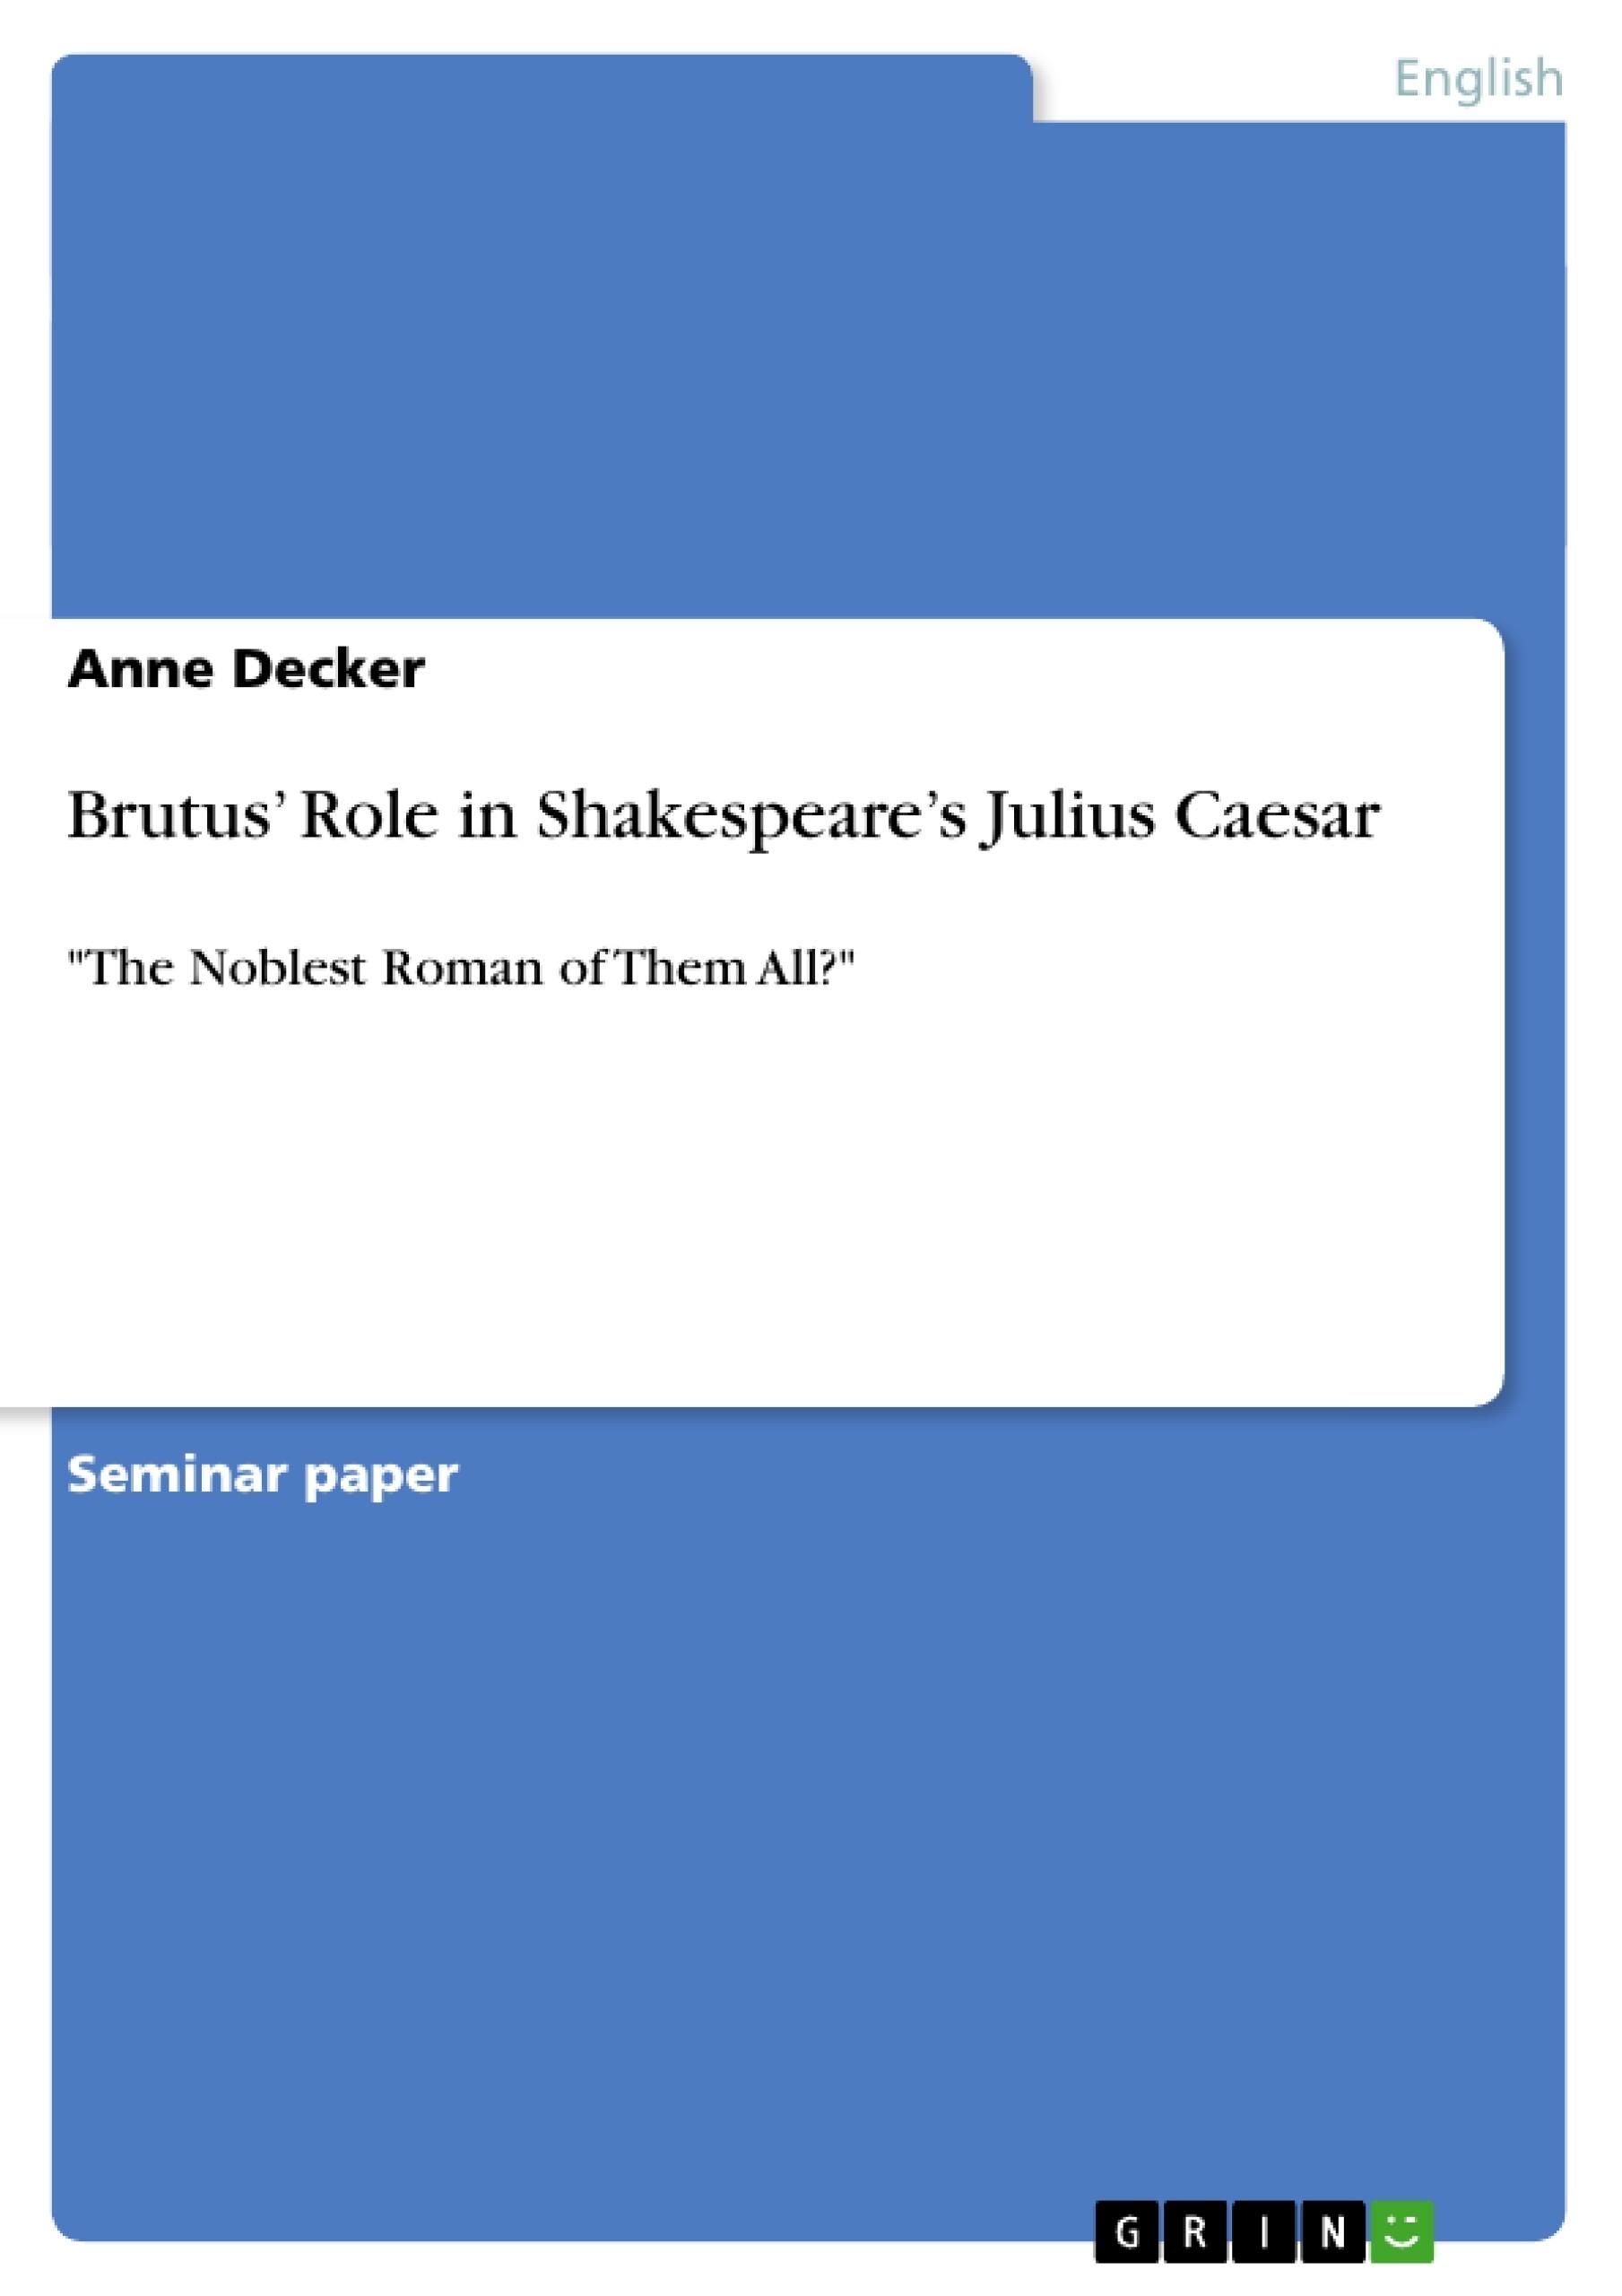 Title: Brutus' Role in Shakespeare's Julius Caesar